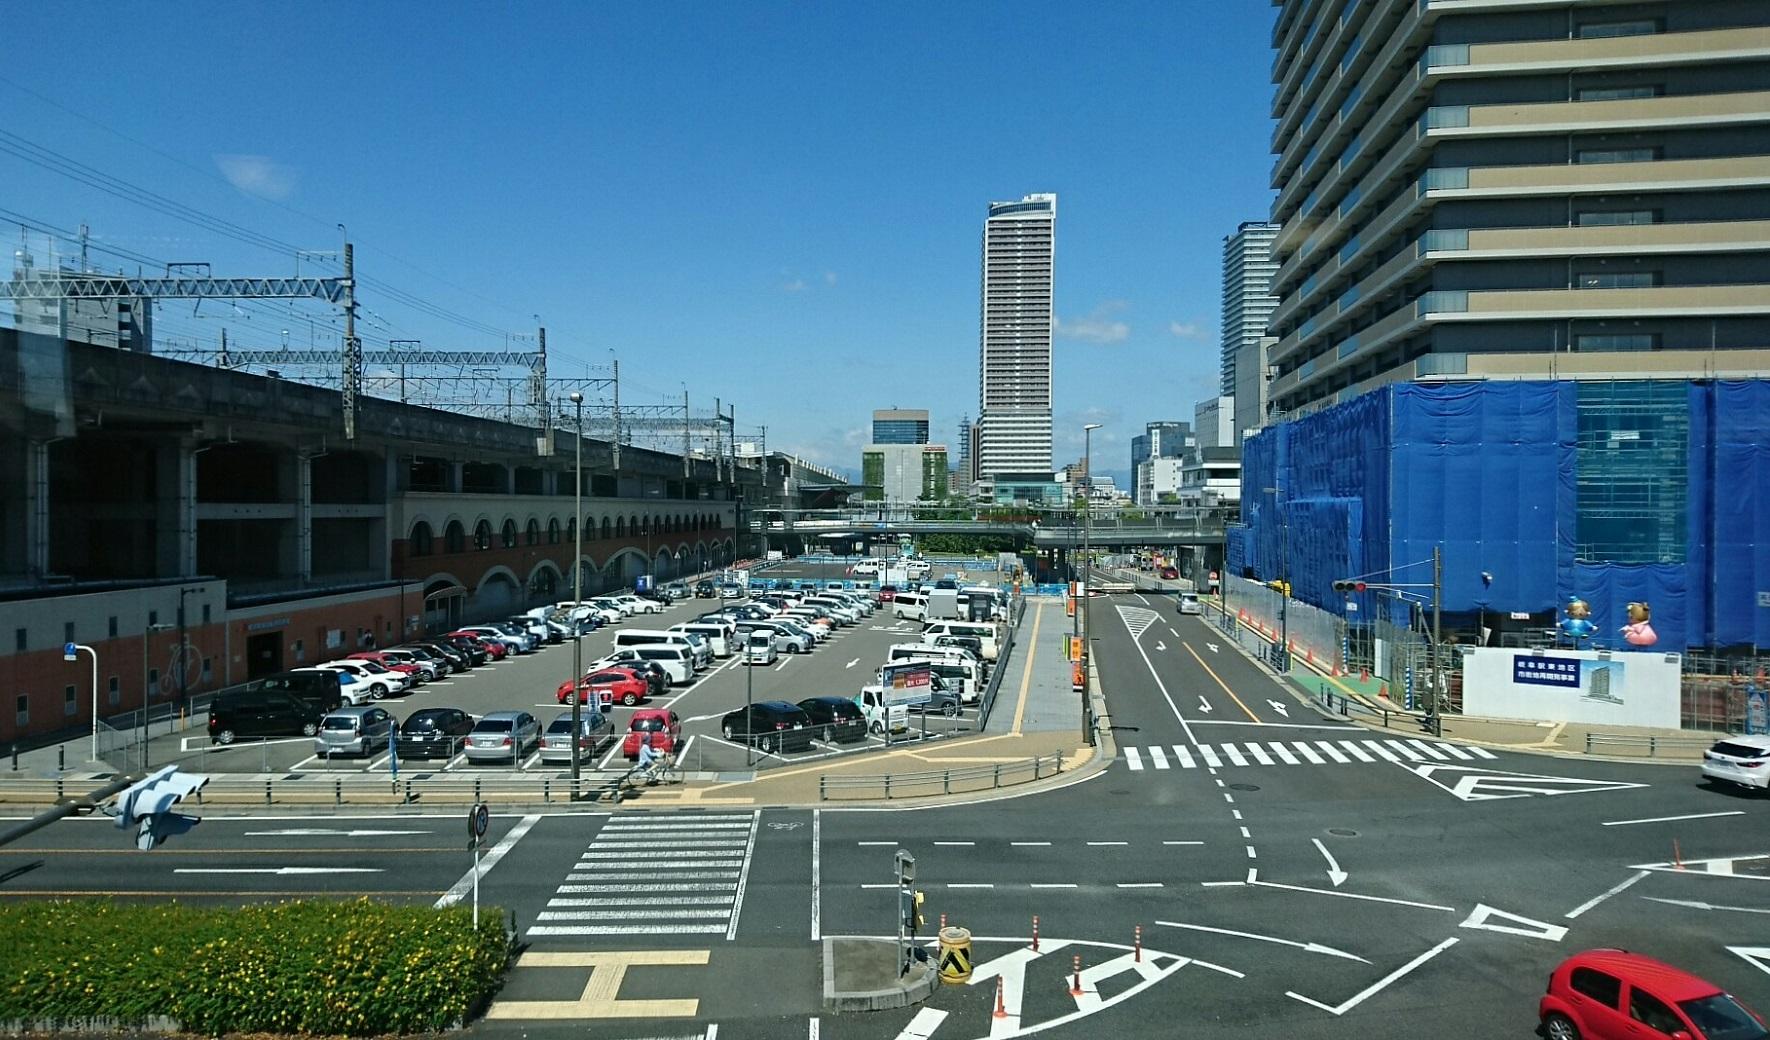 2018.6.1 岐阜 (15) 岐阜いき特急 - 東海道線のきた 1770-1040